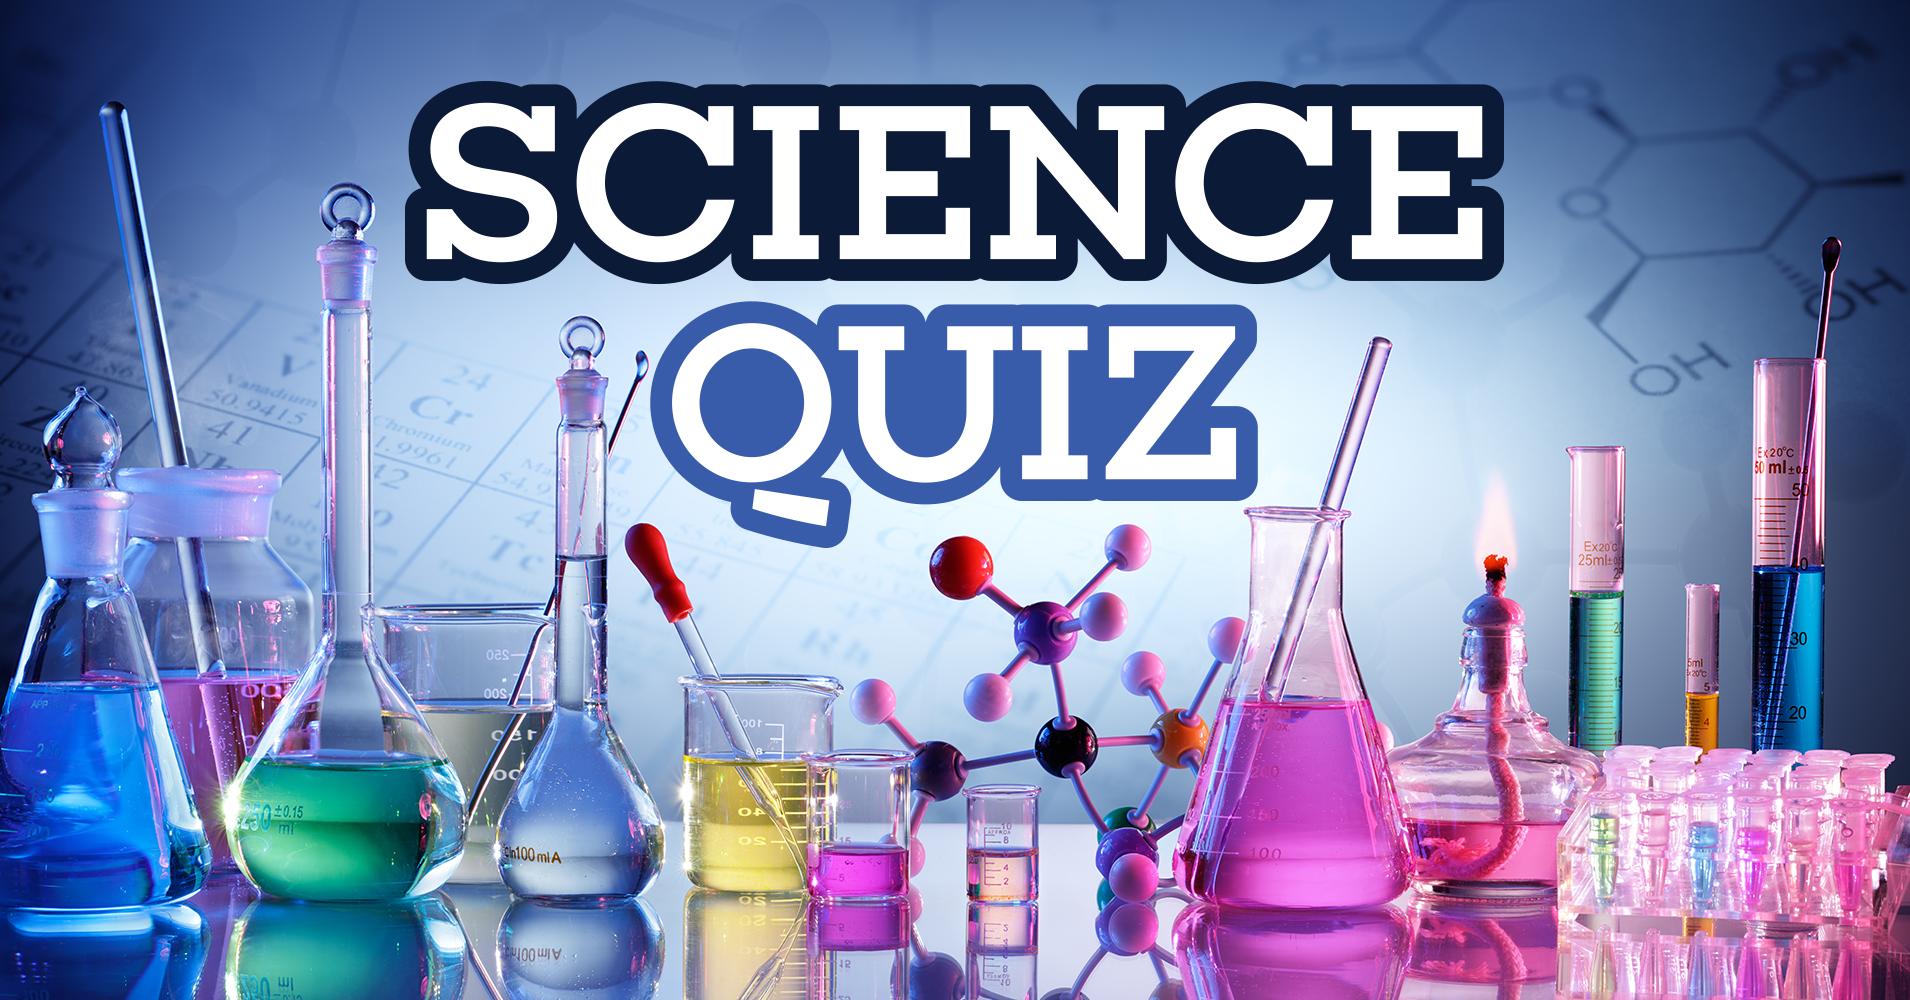 Fields of science study quiz